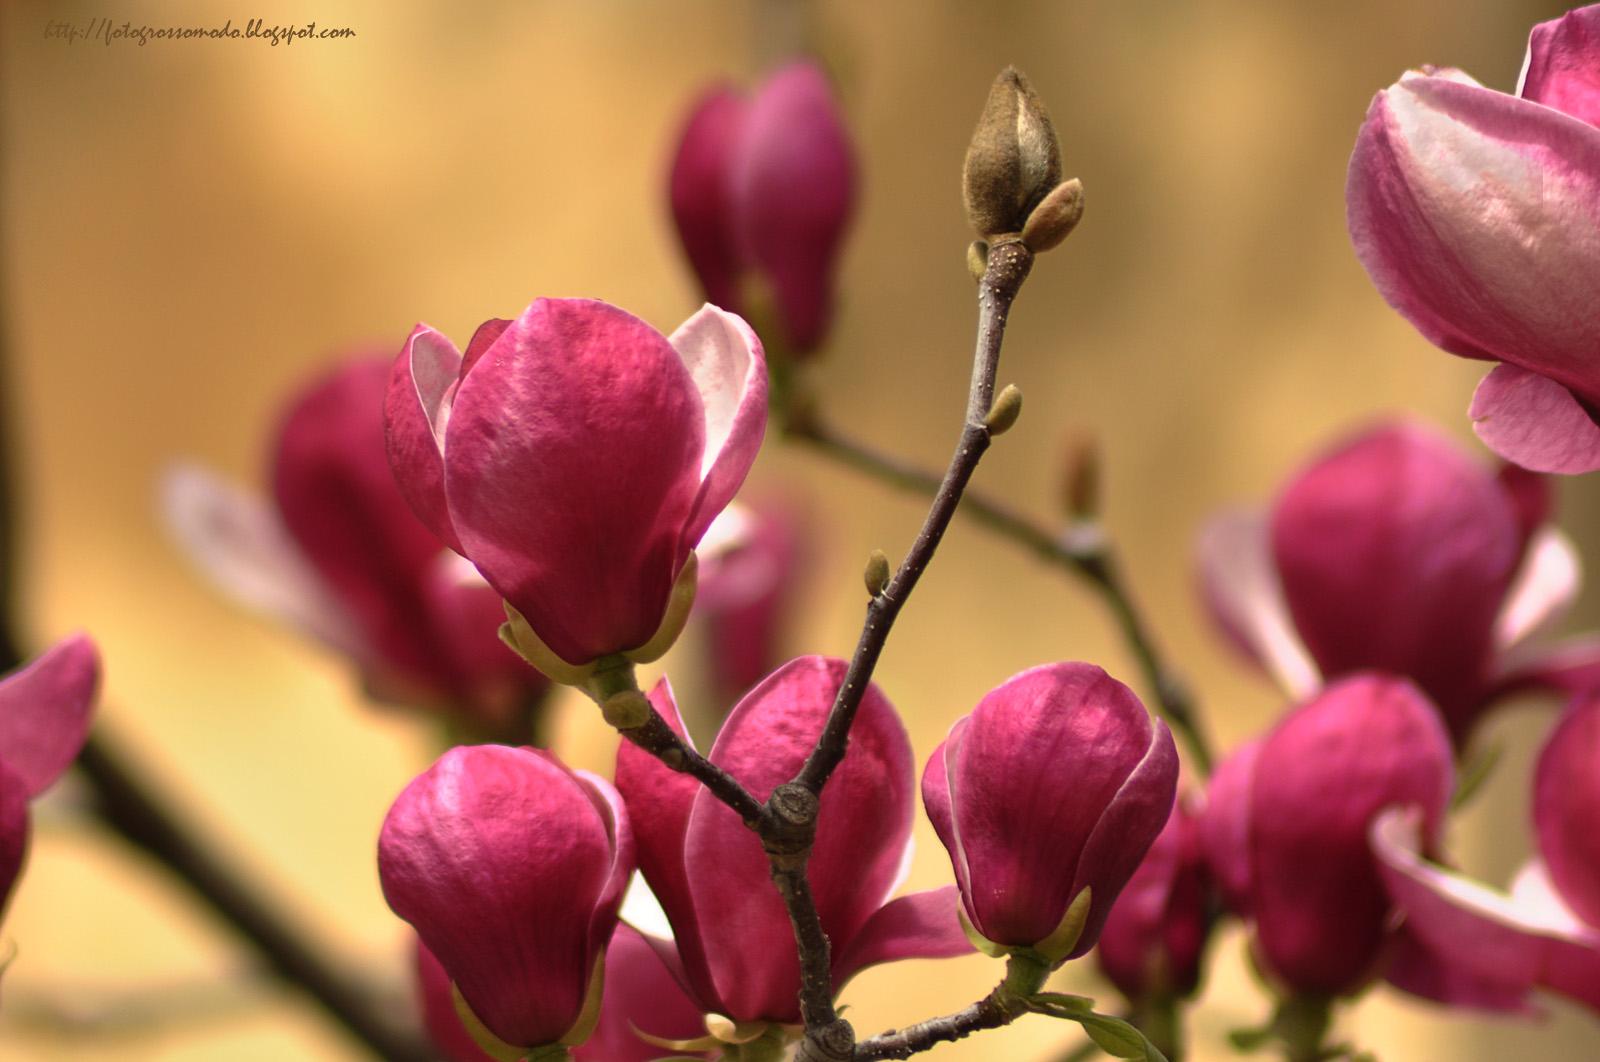 http://1.bp.blogspot.com/-m1jFrL5uvvU/Twx6Ghns2sI/AAAAAAAAEUM/HL-T5VOMLZM/s1600/magnolii.jpg